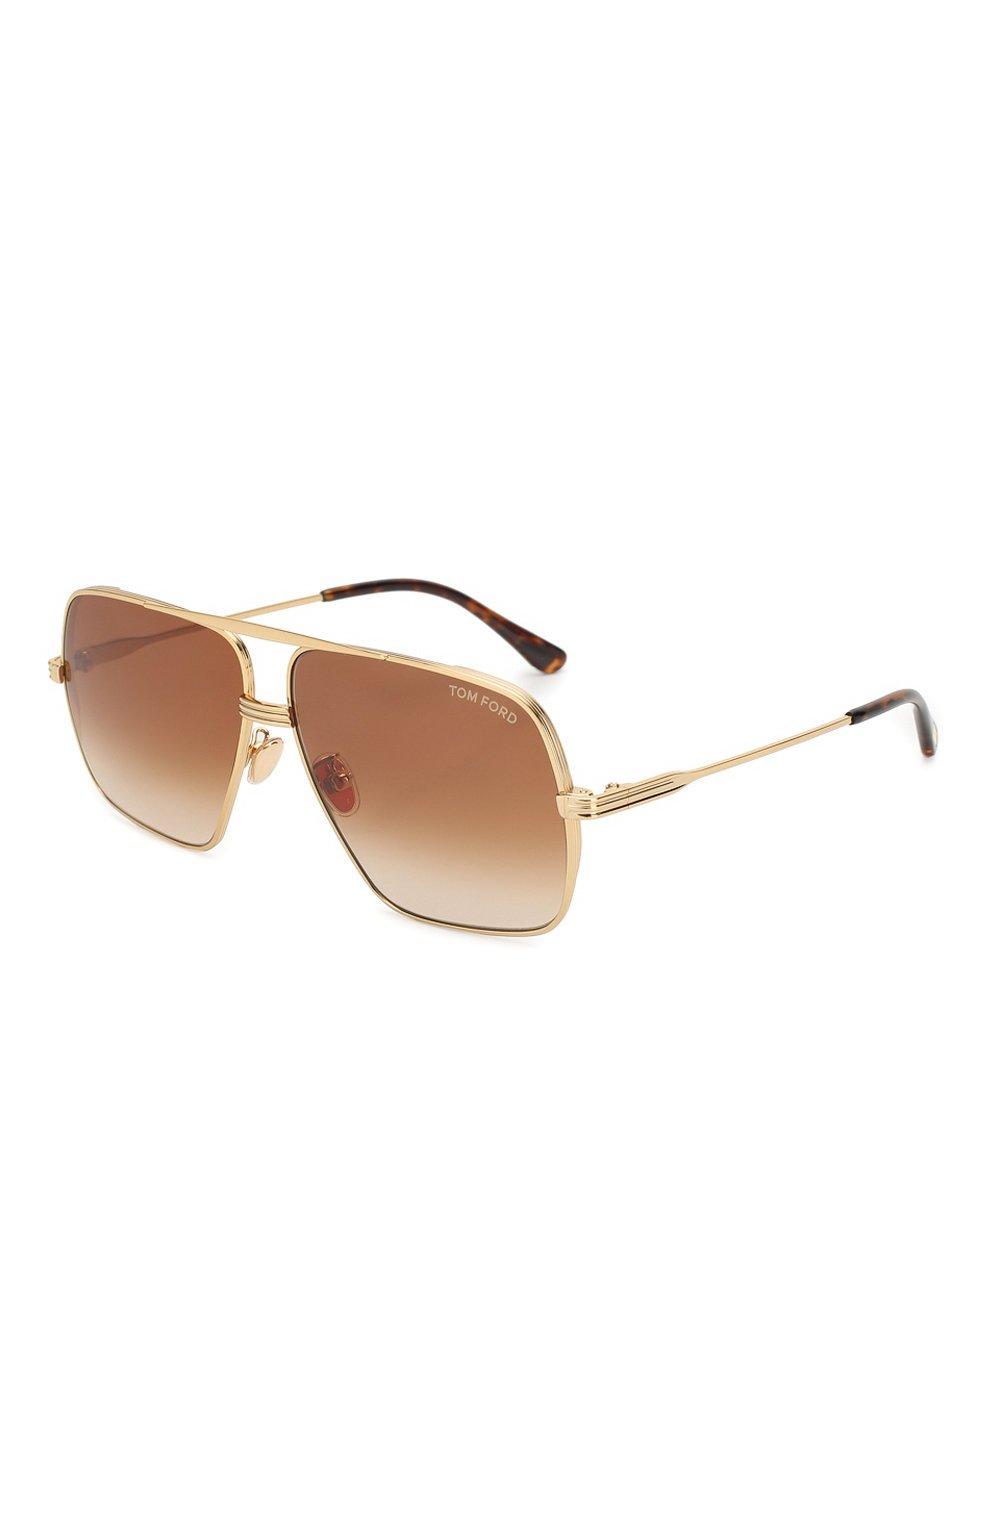 Мужские золотые солнцезащитные очки TOM FORD — купить за 23650 руб. в интернет-магазине ЦУМ, арт. TF735-H 30F